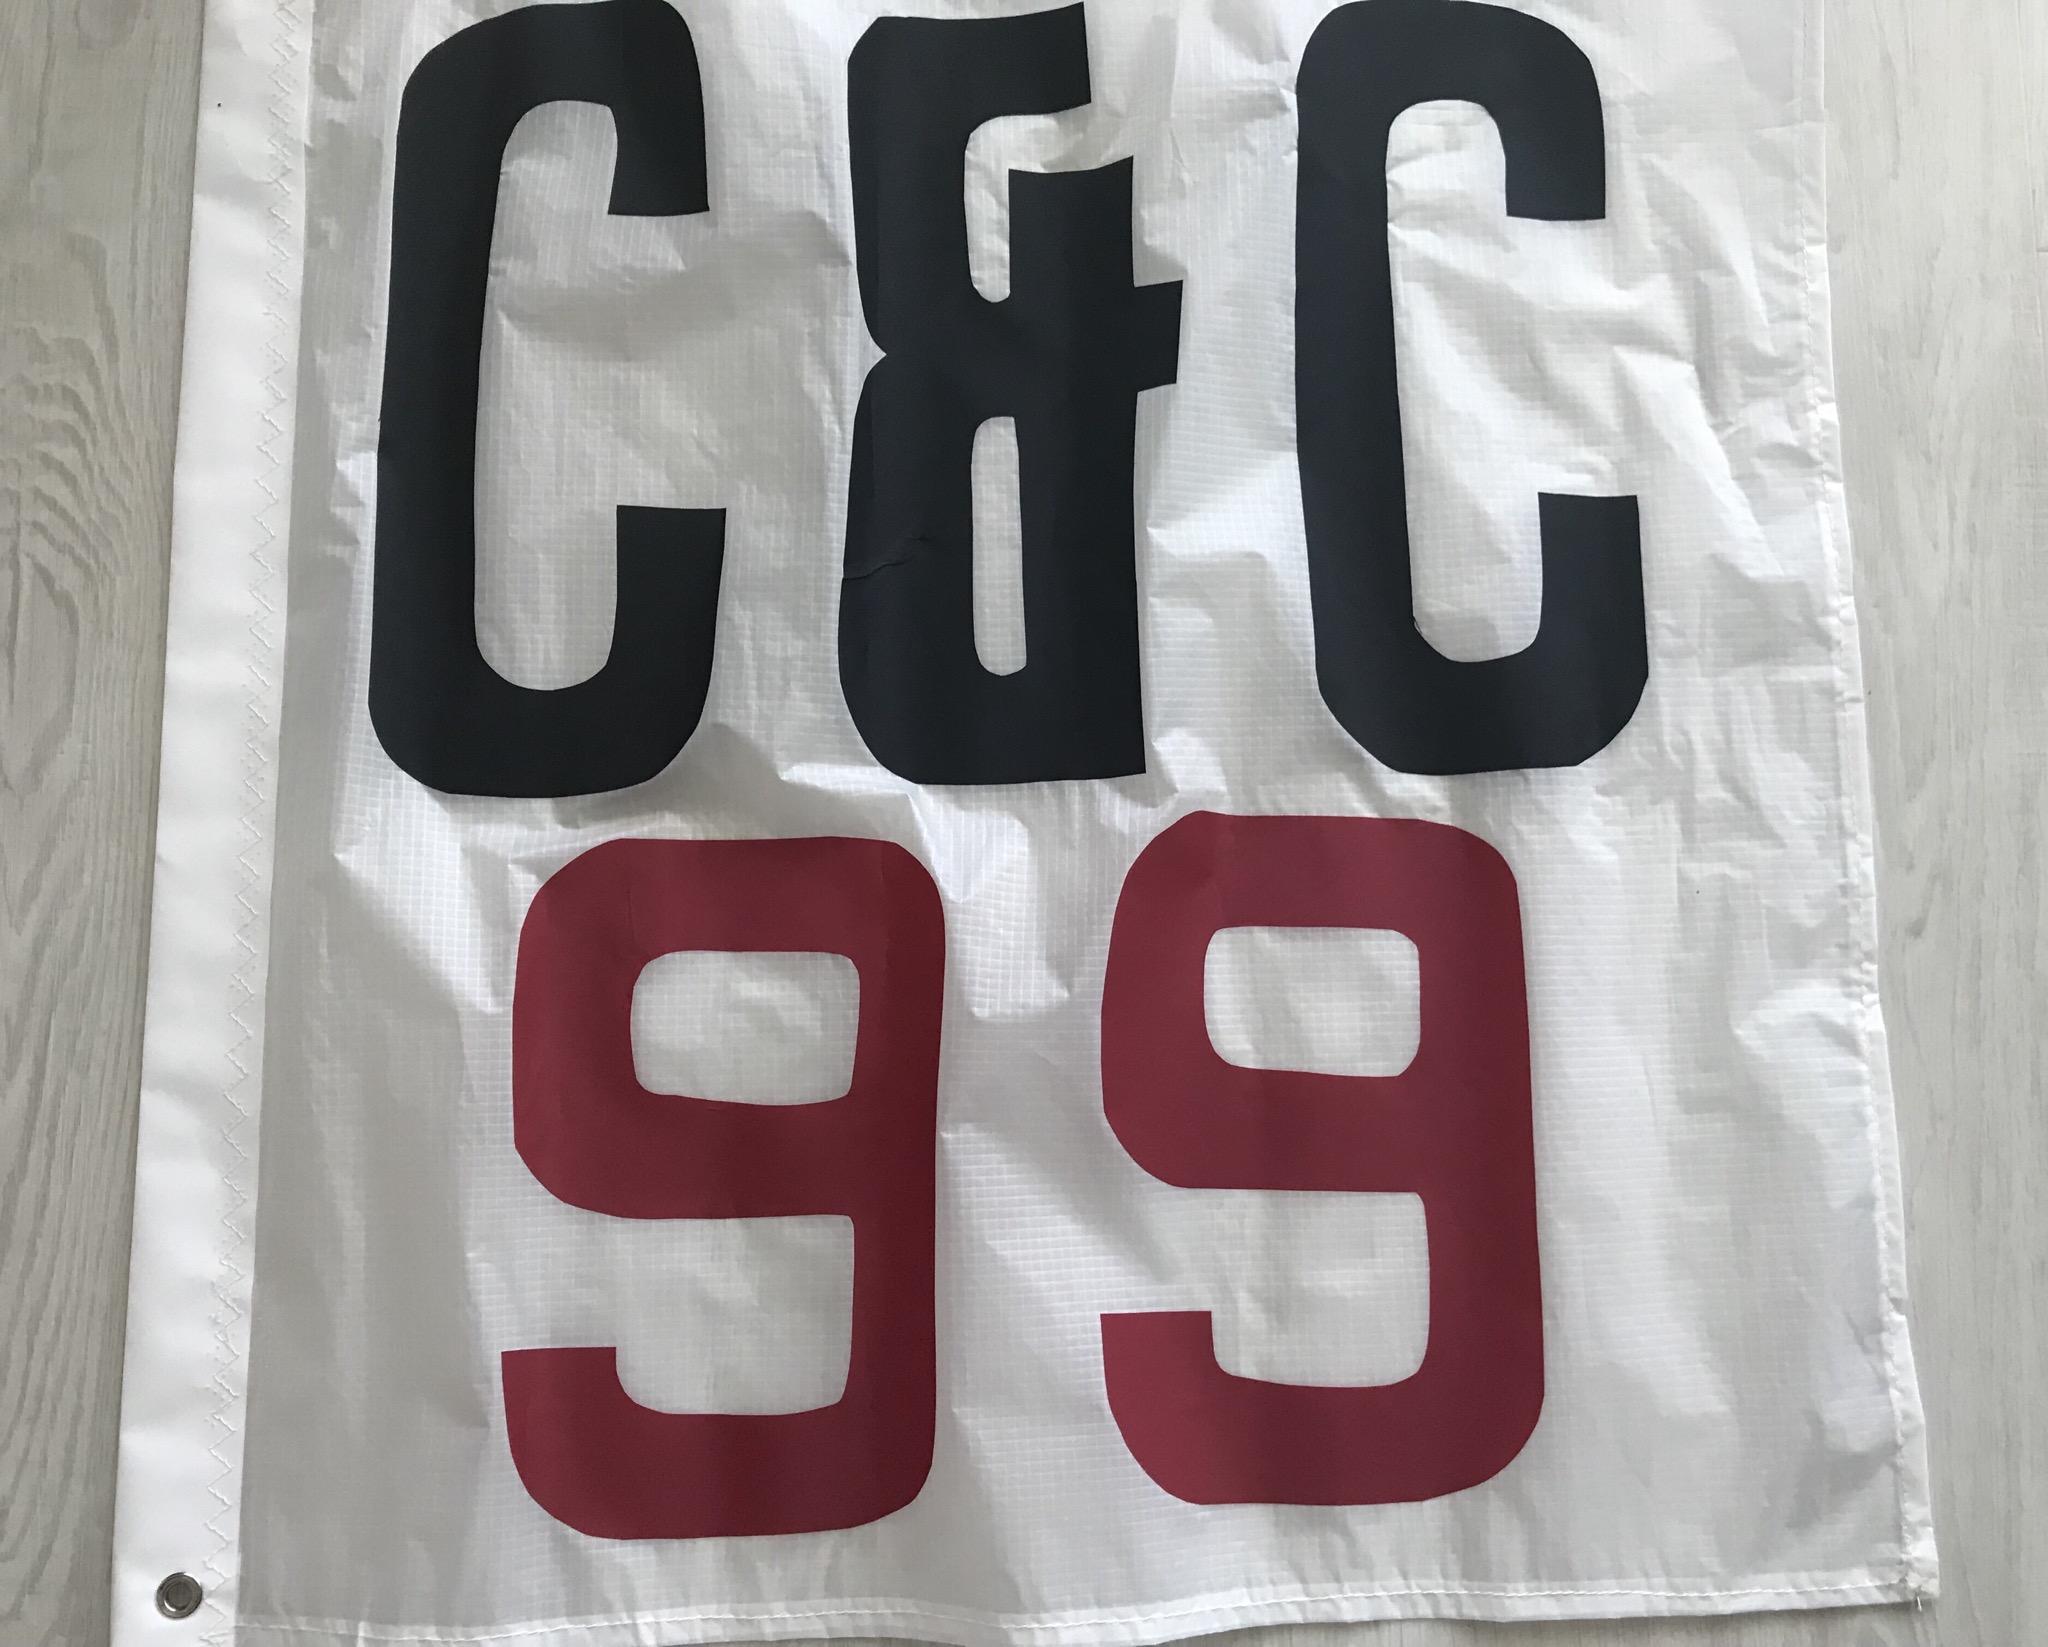 78F4E91E-A534-46B0-A4A7-9AFF4C16155B.jpeg